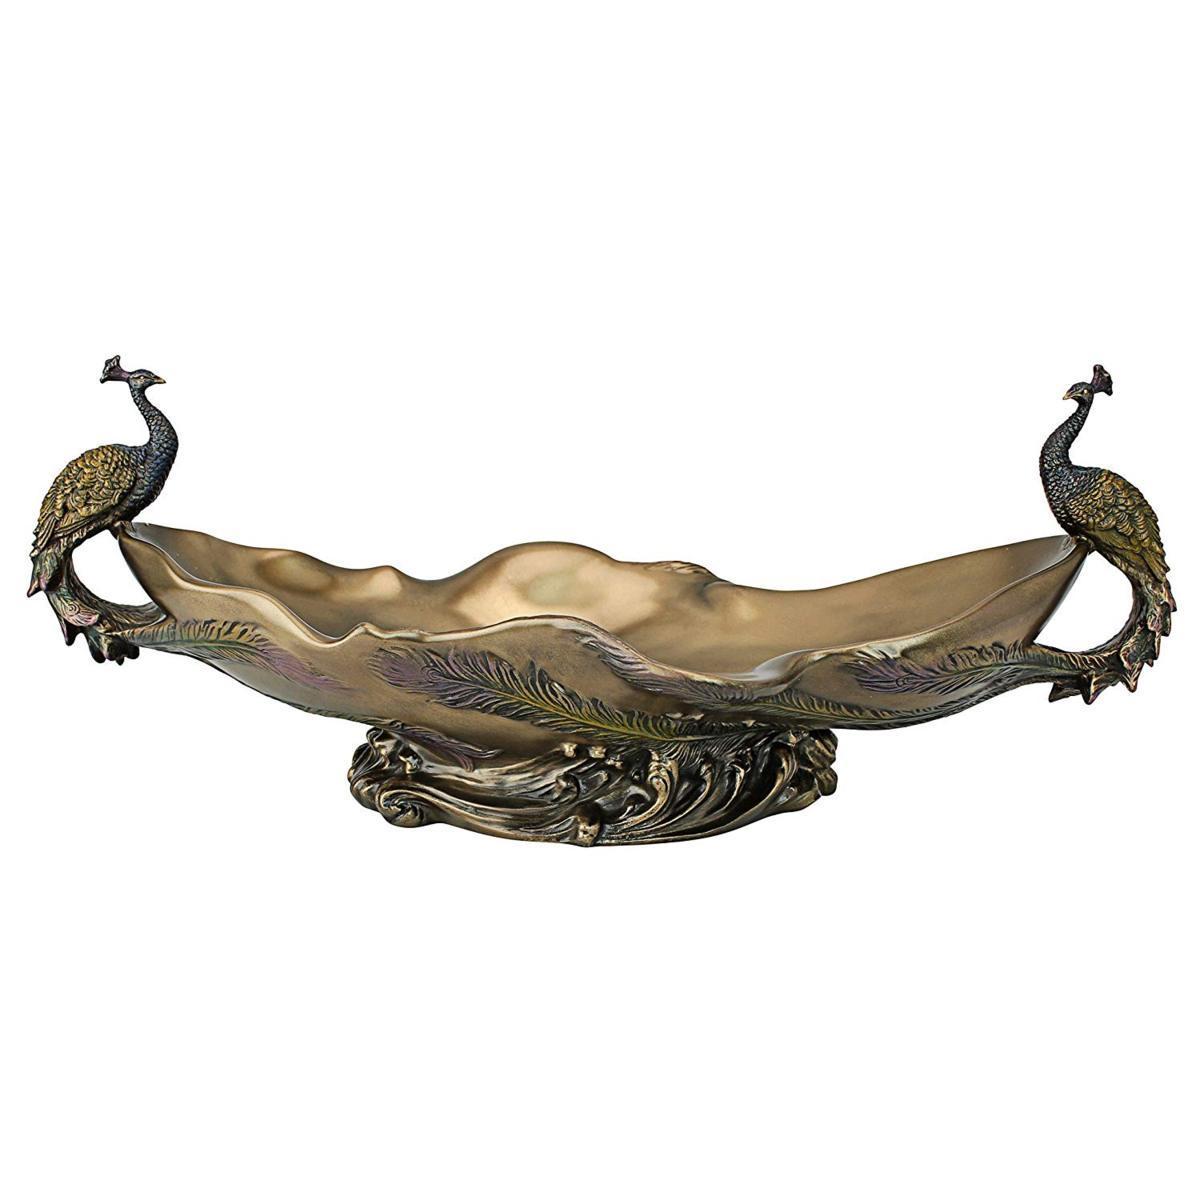 デザイン・トスカノ製 孔雀(ピーコック)の装飾的センターピース彫刻ボウル 置物 彫像(輸入品